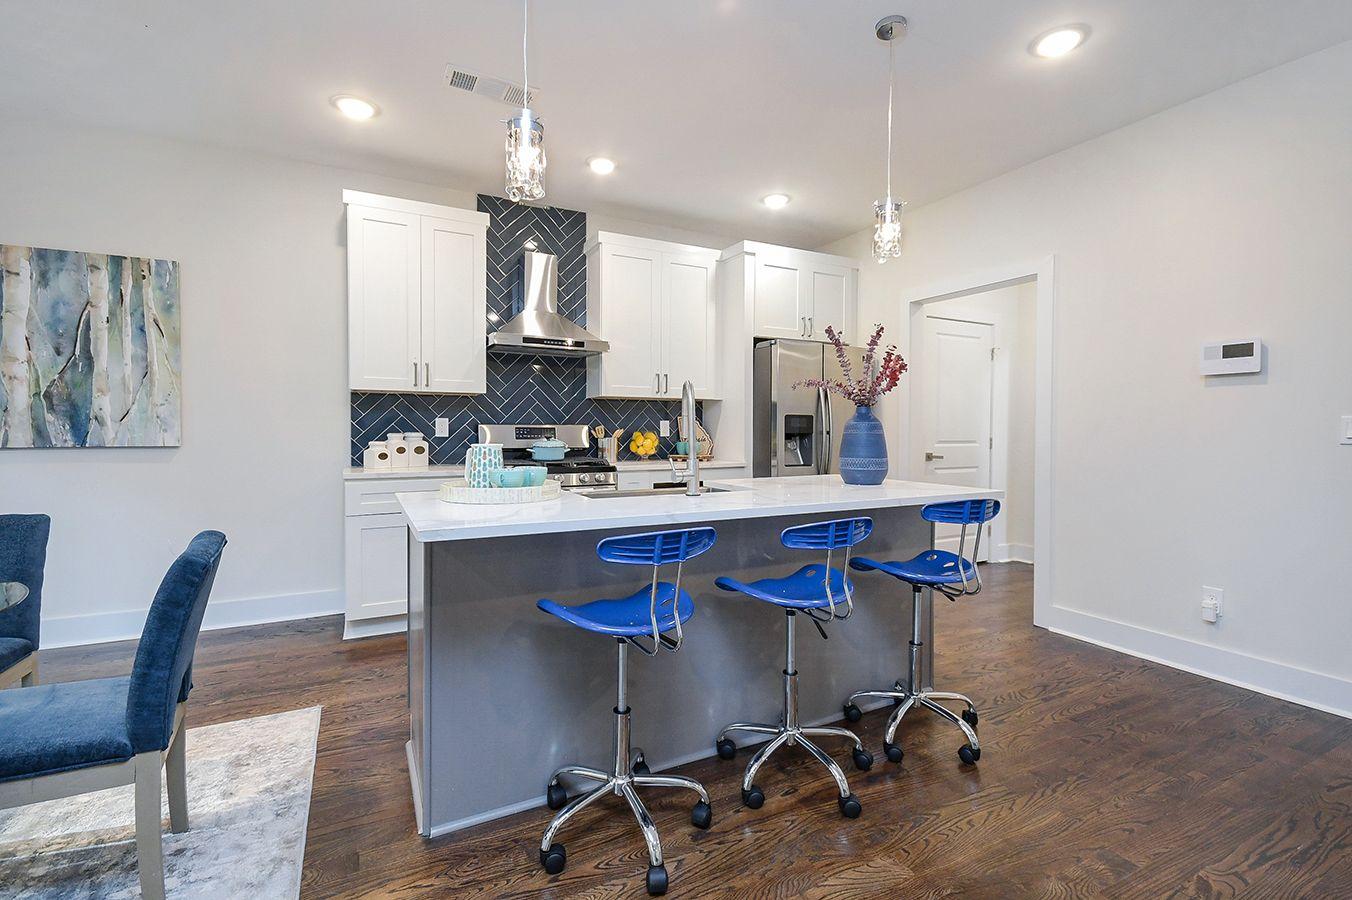 Kitchen_view3 (3).jpg